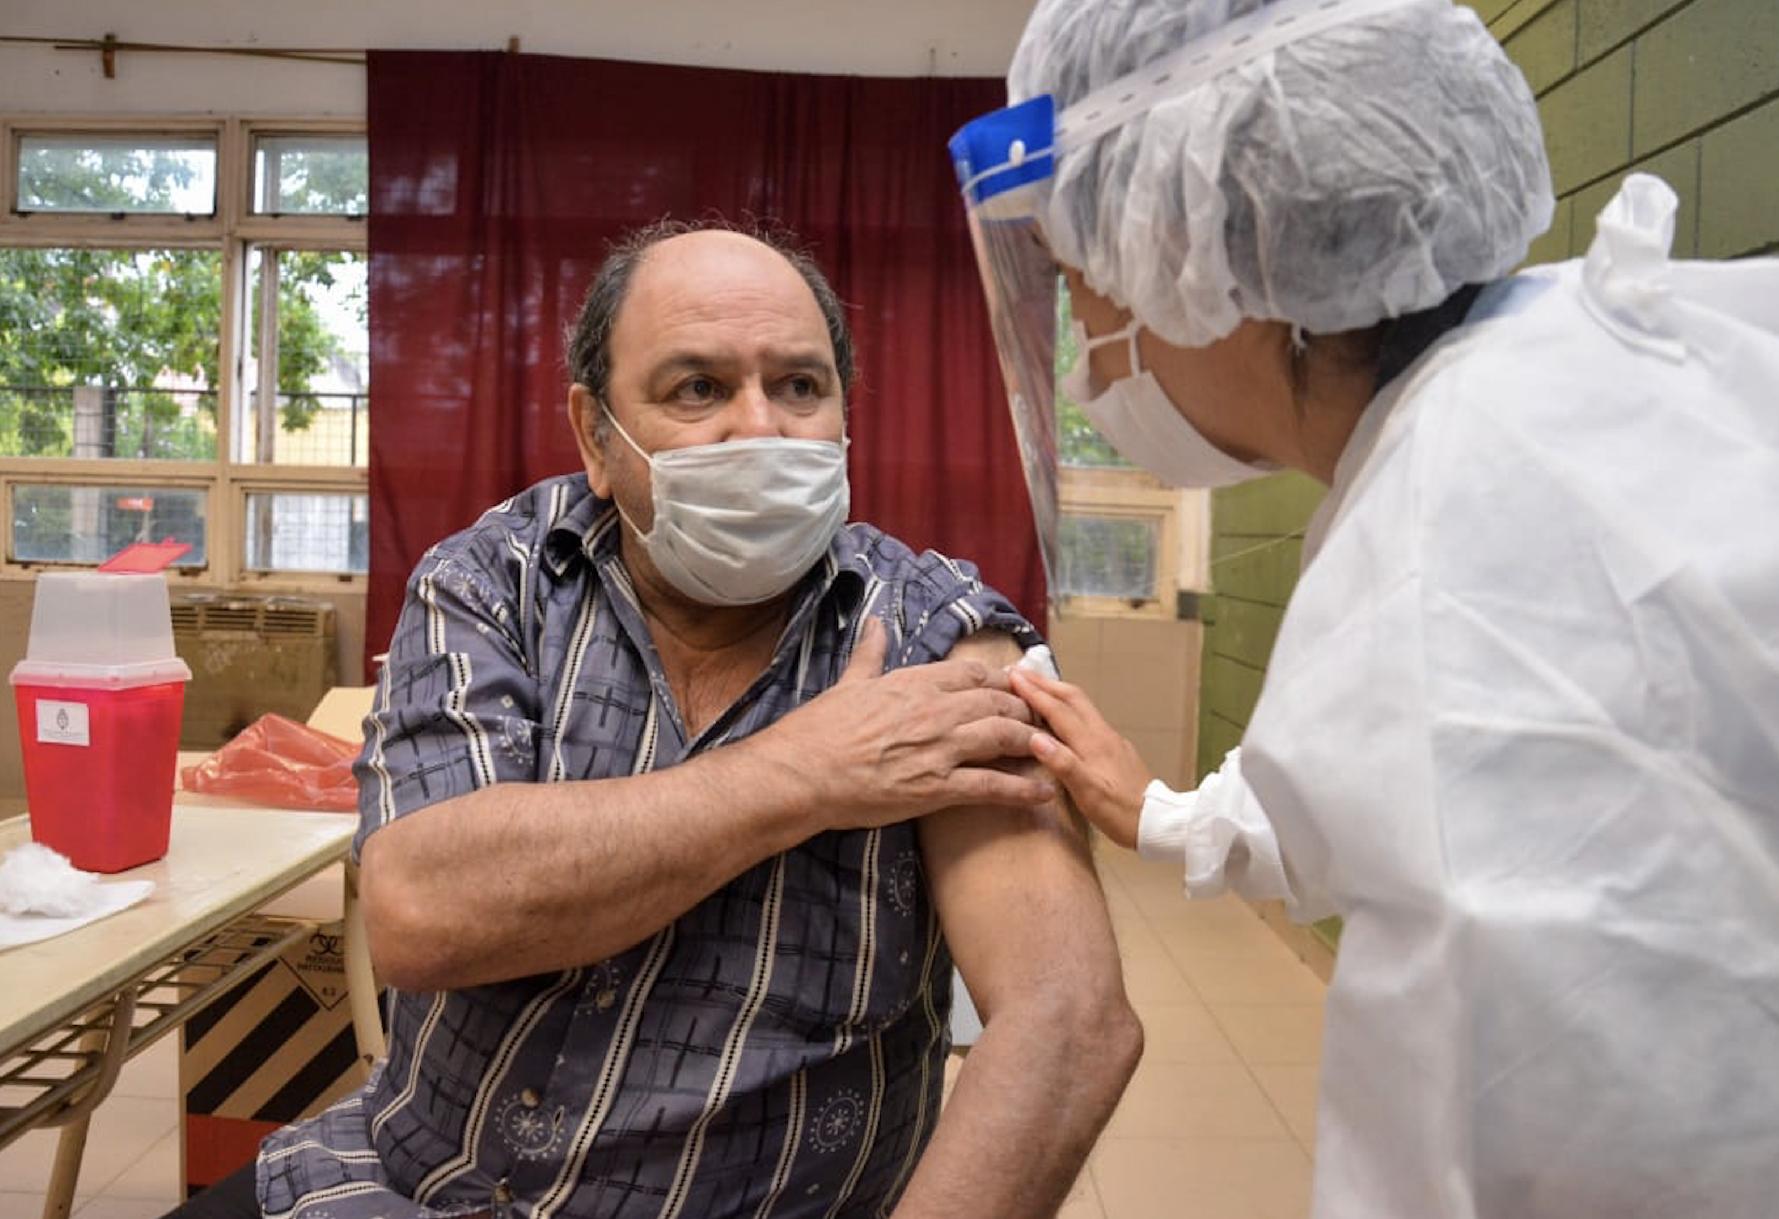 En el estudio longitudinal se emplearon los kits COVIDAR, desarrollados en el Instituto Leloir y producidos por el laboratorio Lemos, para cuantificar la cantidad de anticuerpos antes y después de la aplicación de las vacunas.